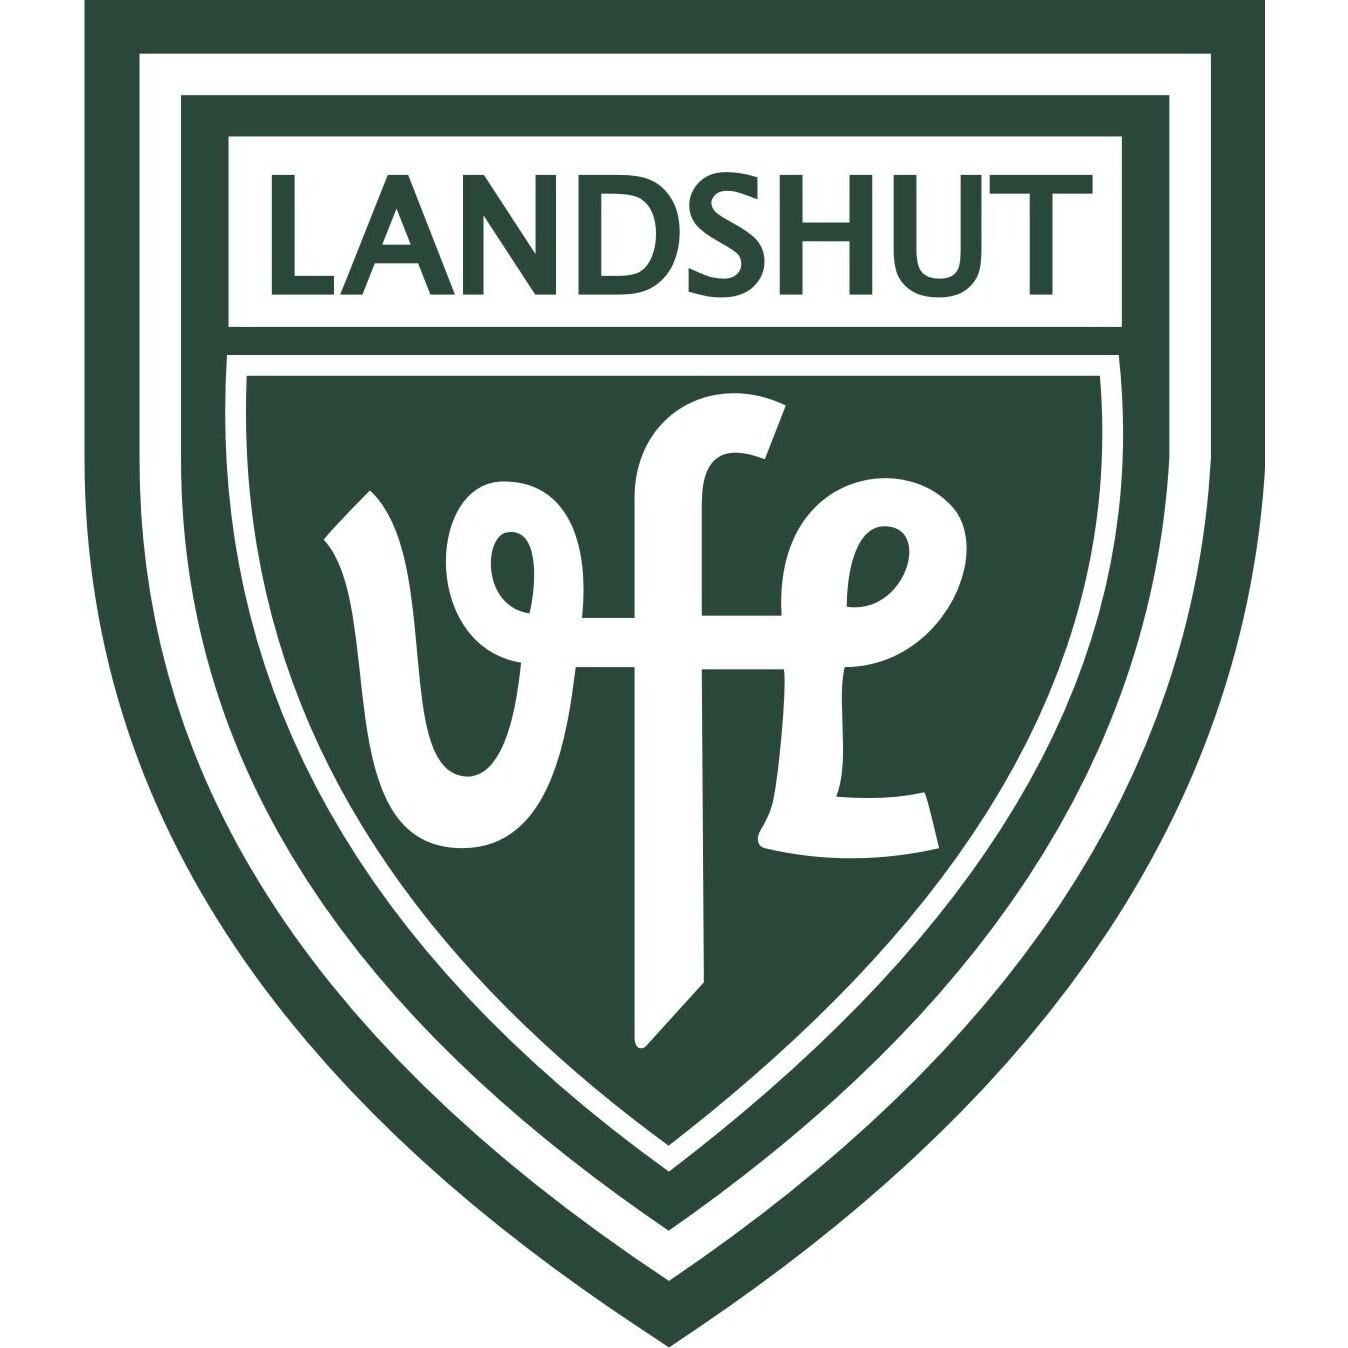 Vfl Landshut